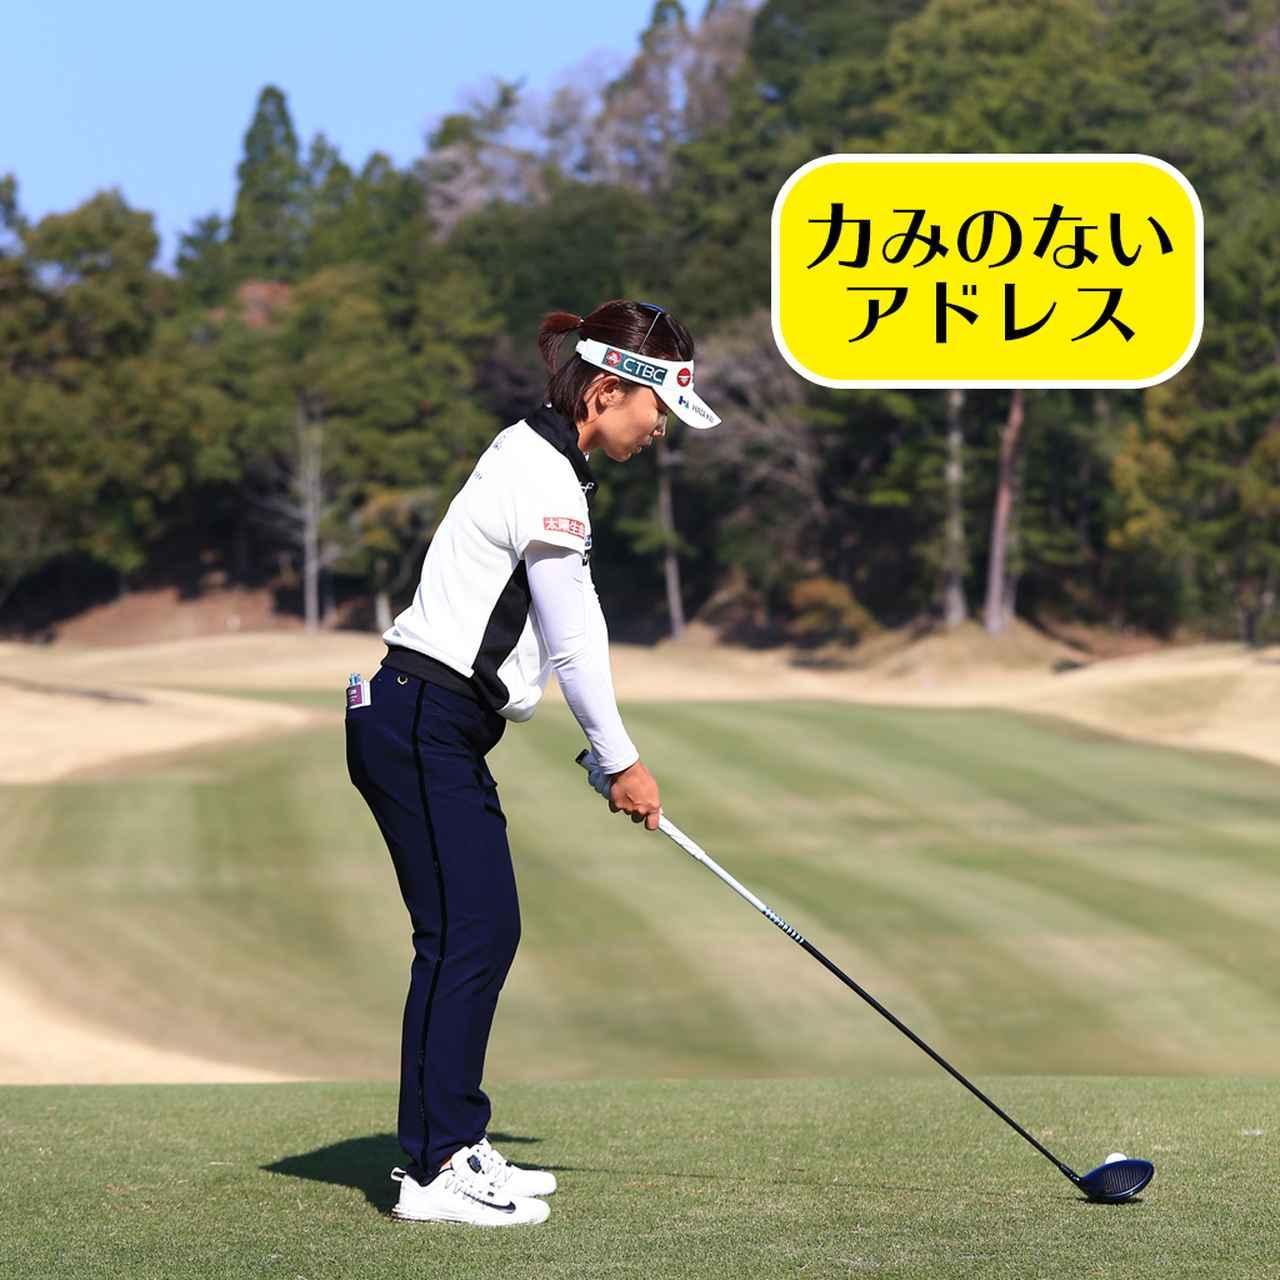 画像1: 【テレサ・ルー】女子プロが選んだベストドライバースウィング。軽く振っても飛ぶ「捻転力」の秘密